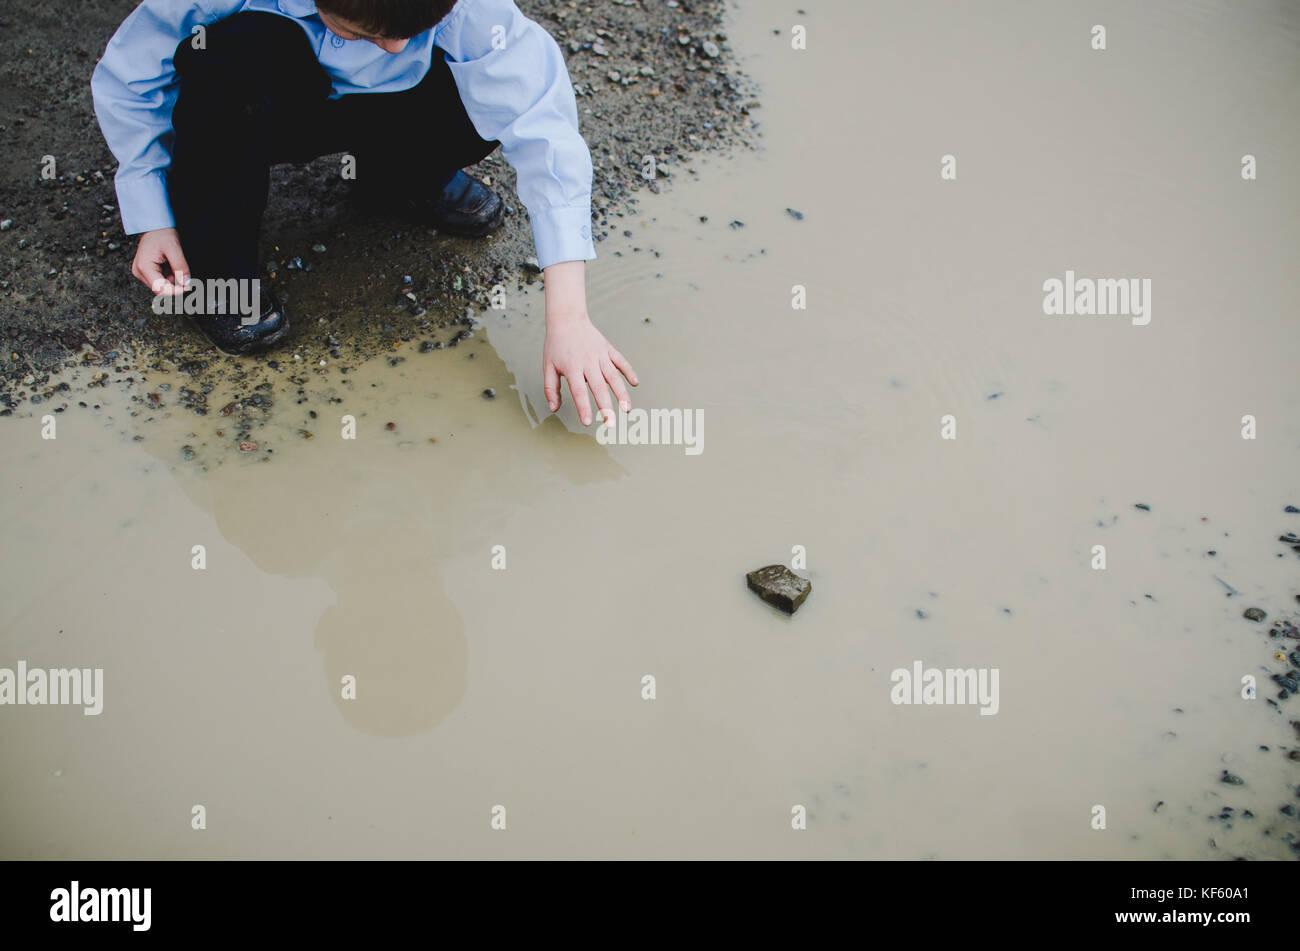 Un garçon atteint d'une pierre dans une flaque de boue. Photo Stock